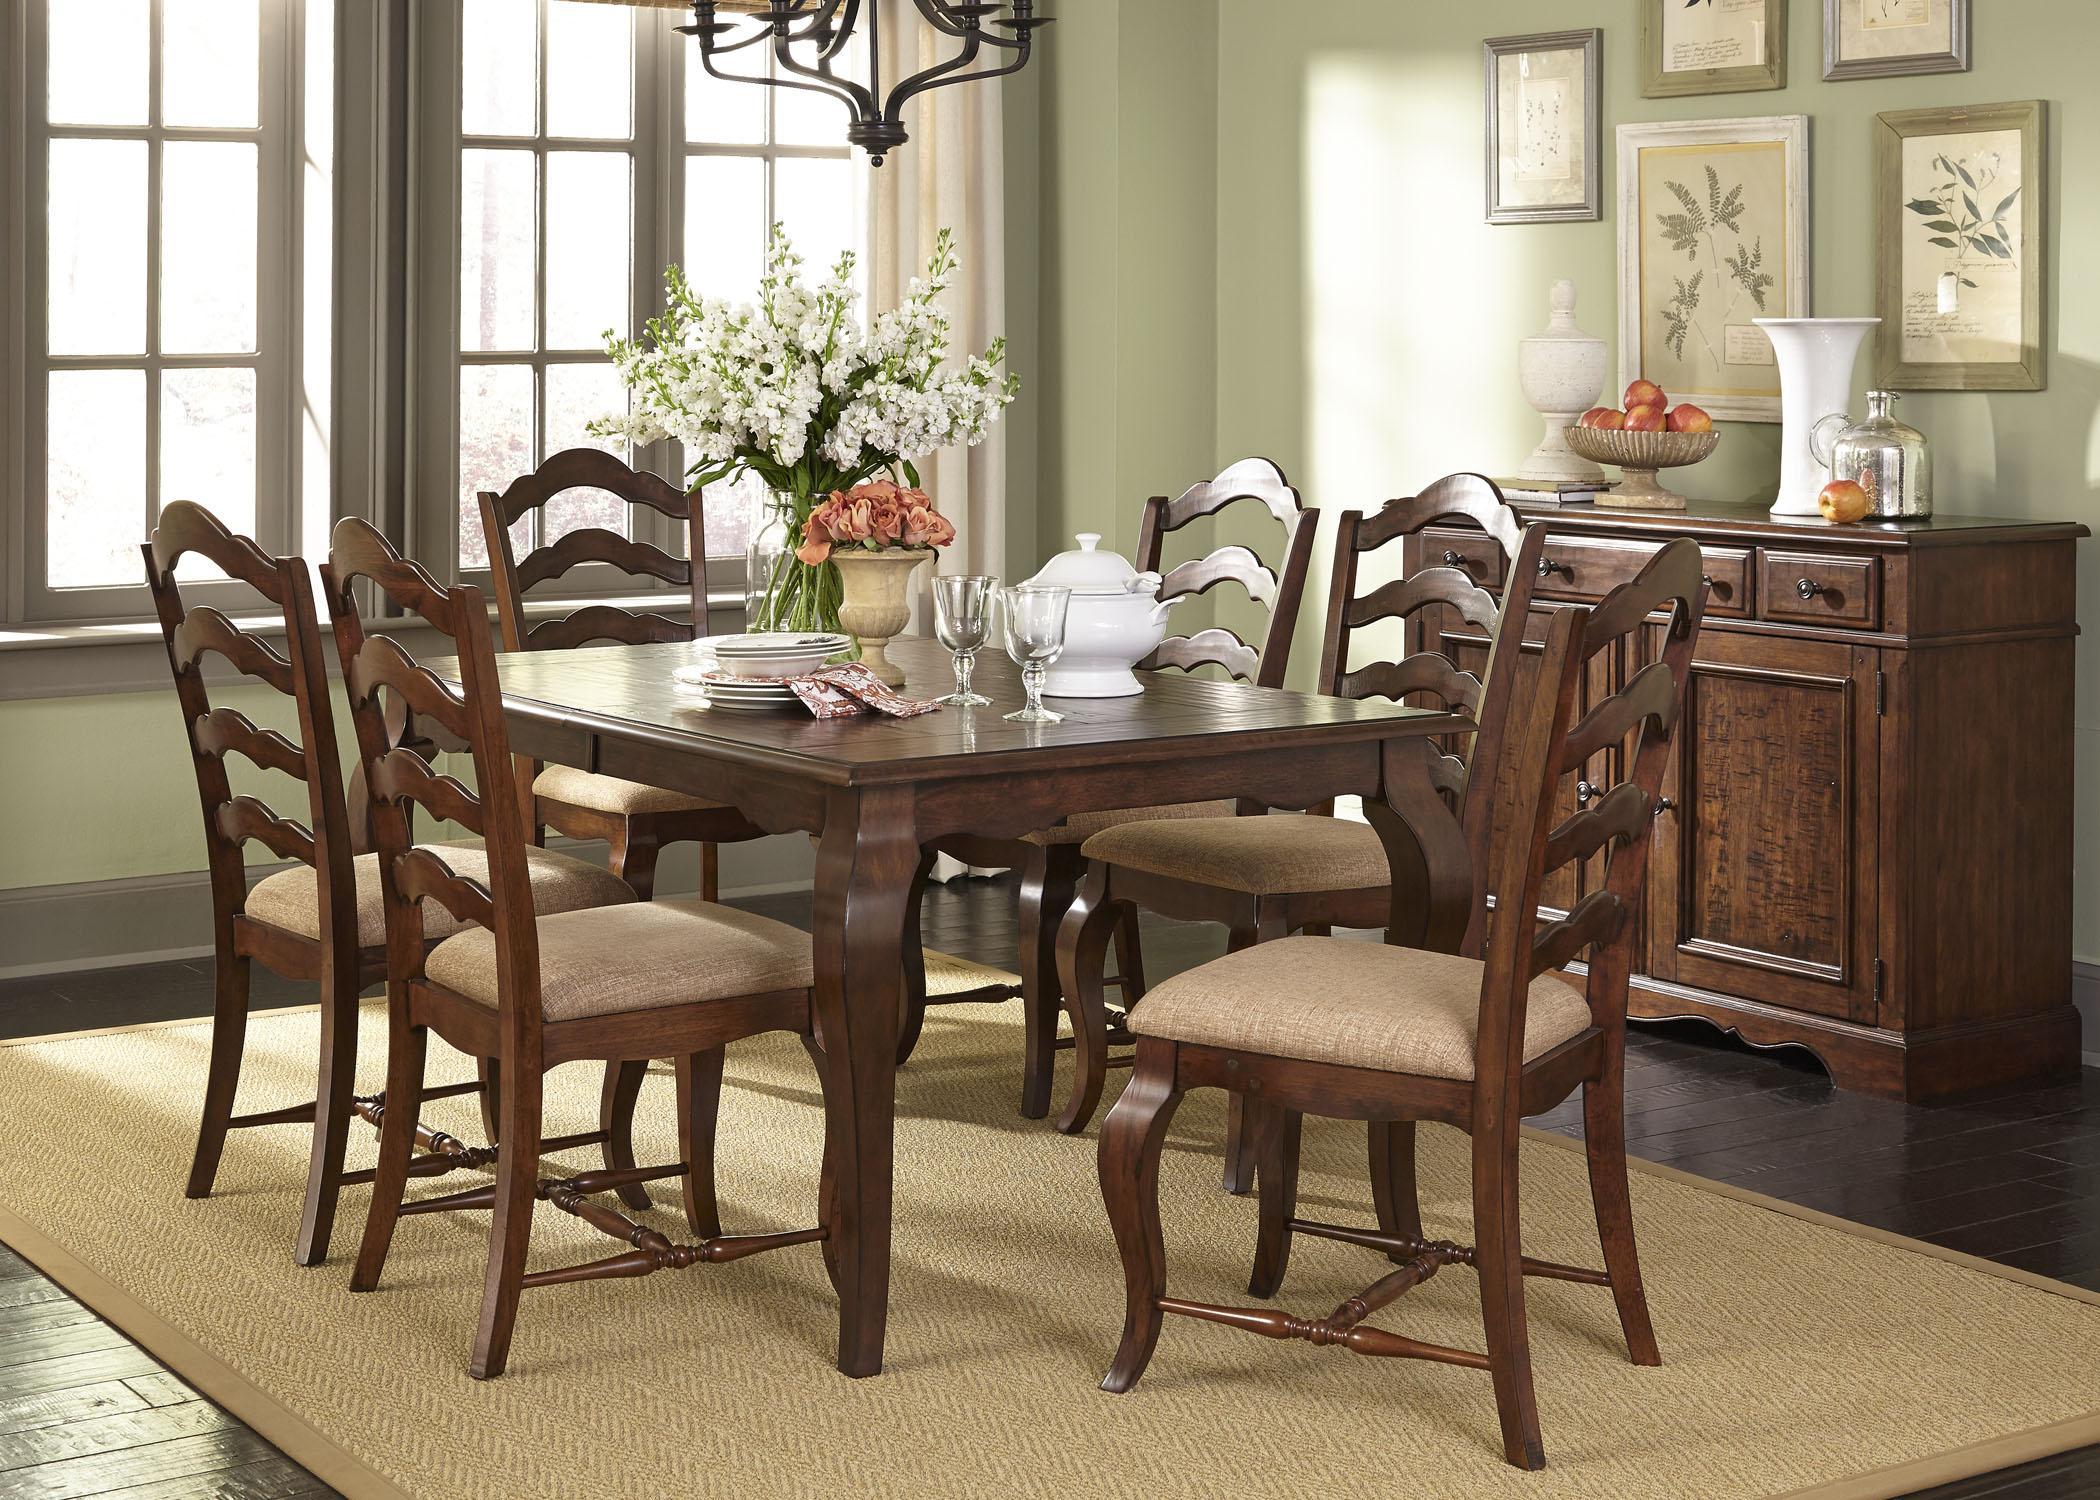 Fullsize Of Woodland Creek Furniture Large Of Woodland Creek Furniture ...